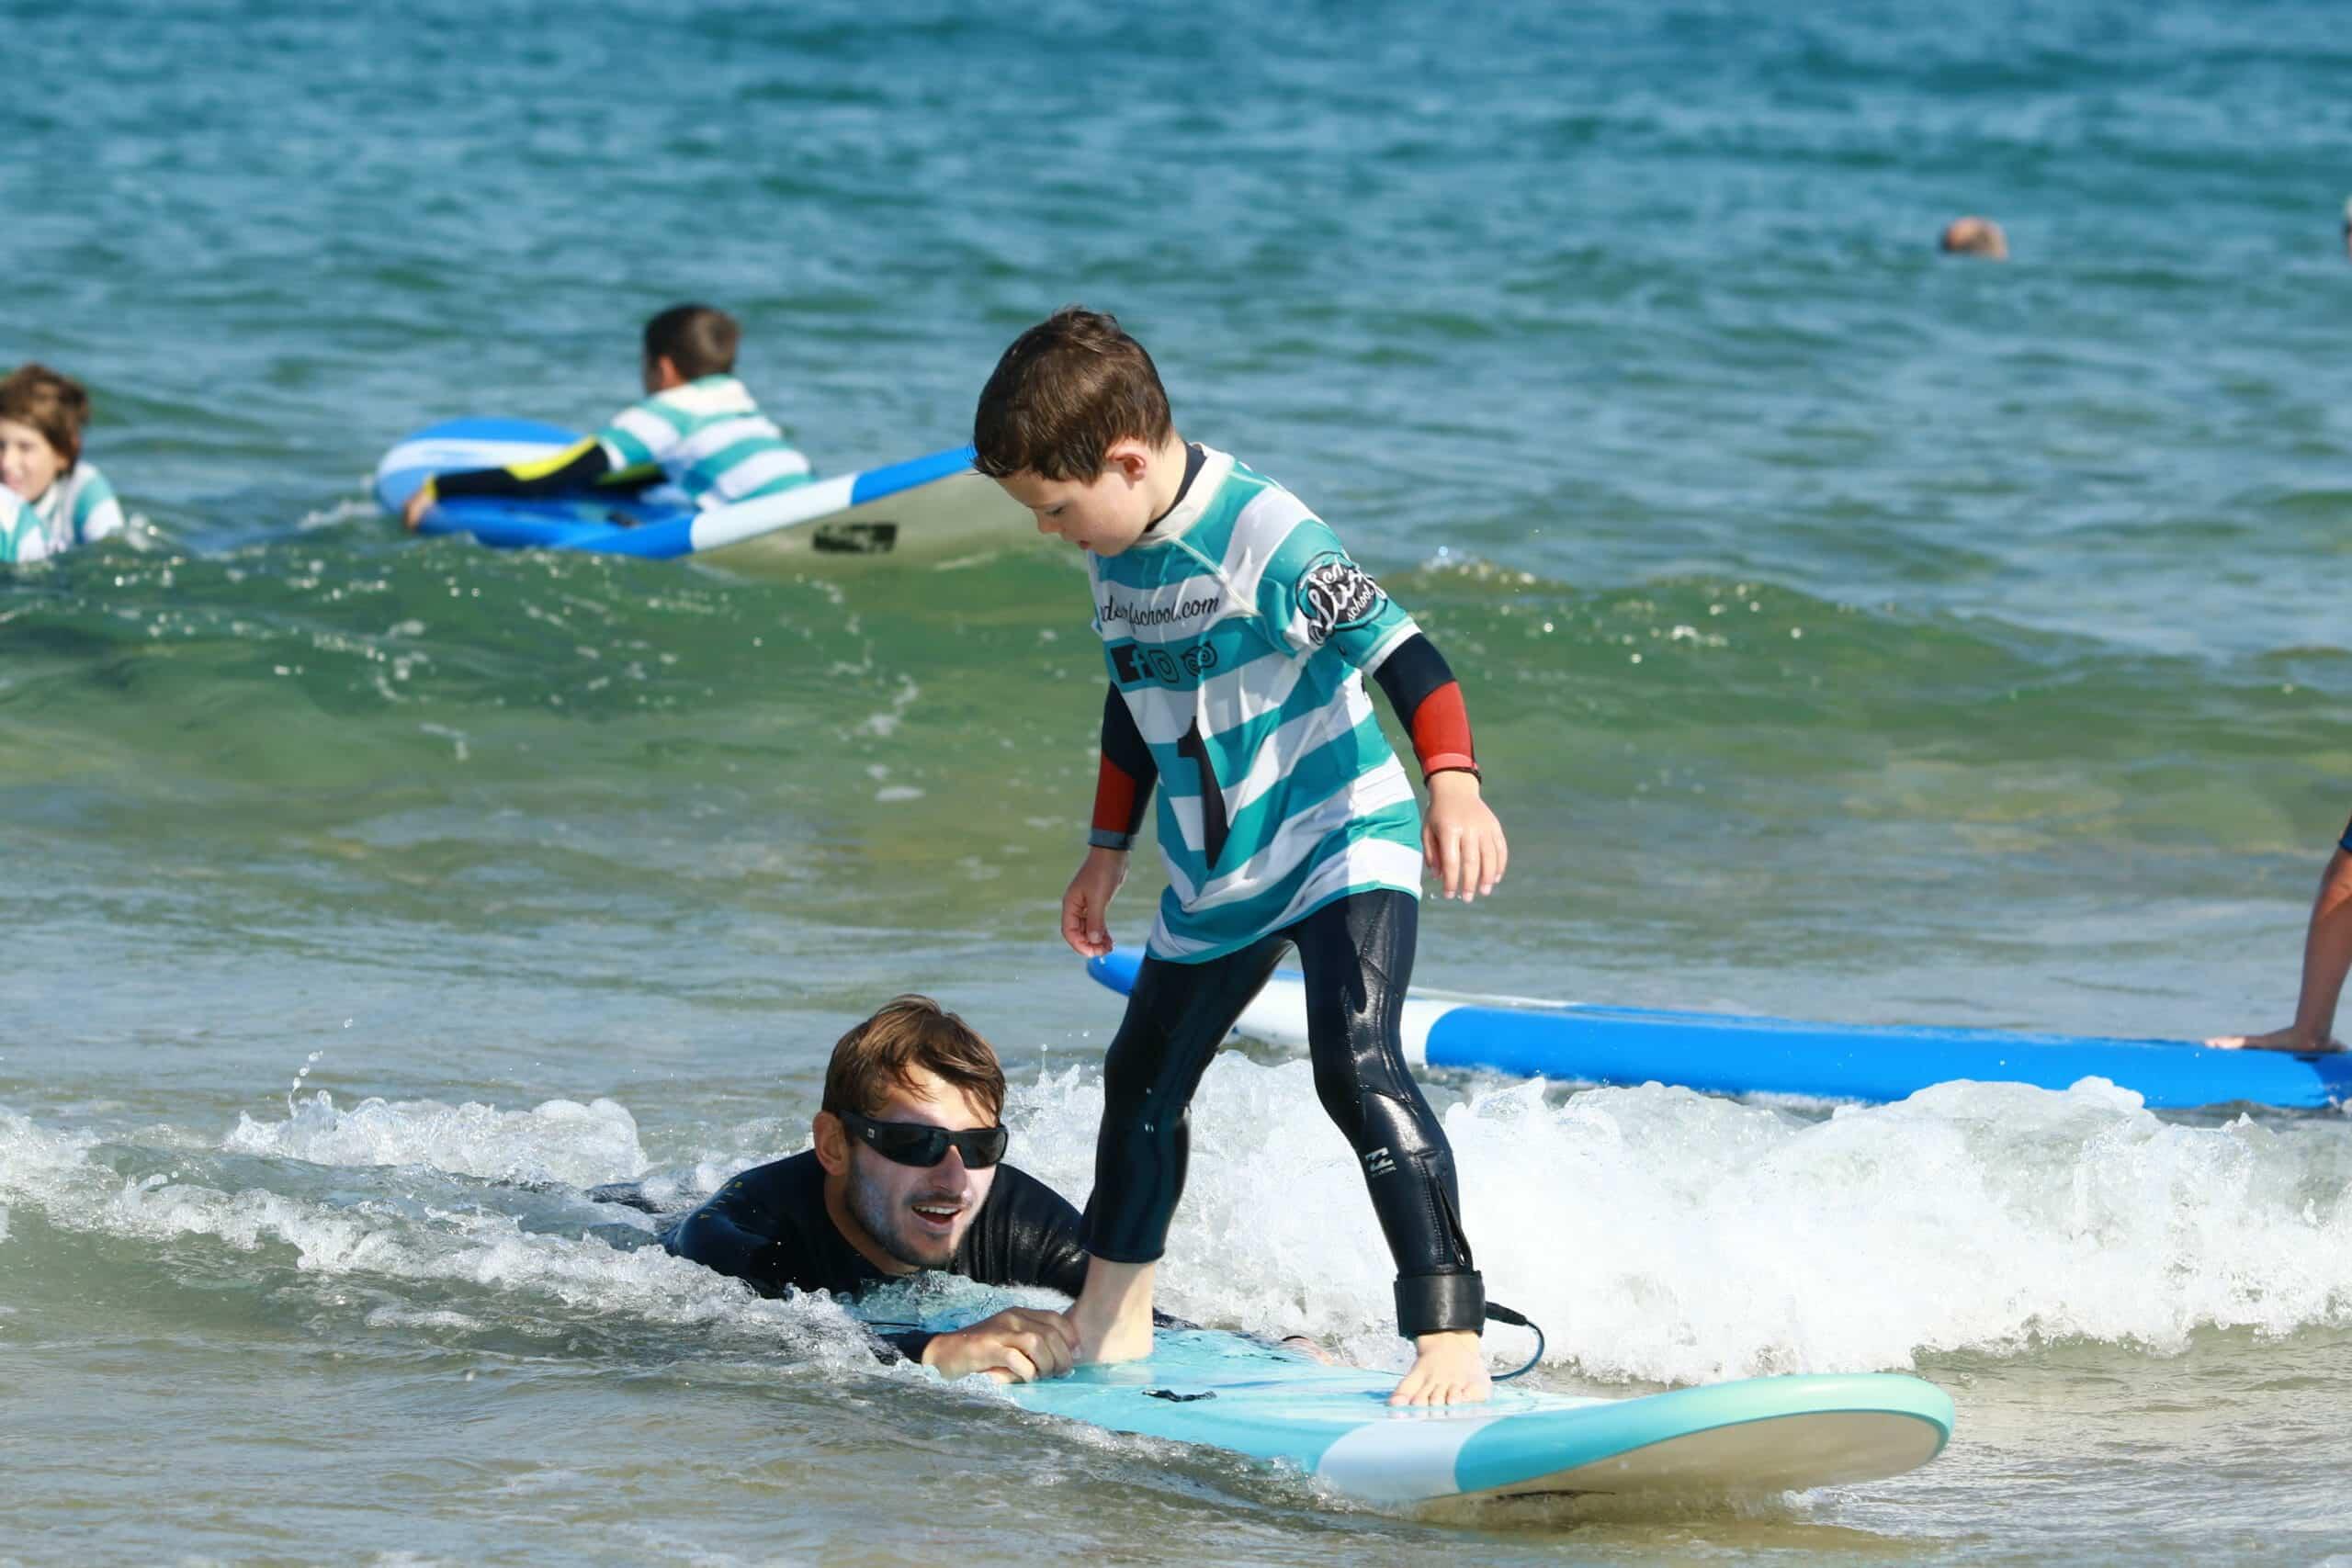 un moniteur aide l'enfant à prendre une belle vague